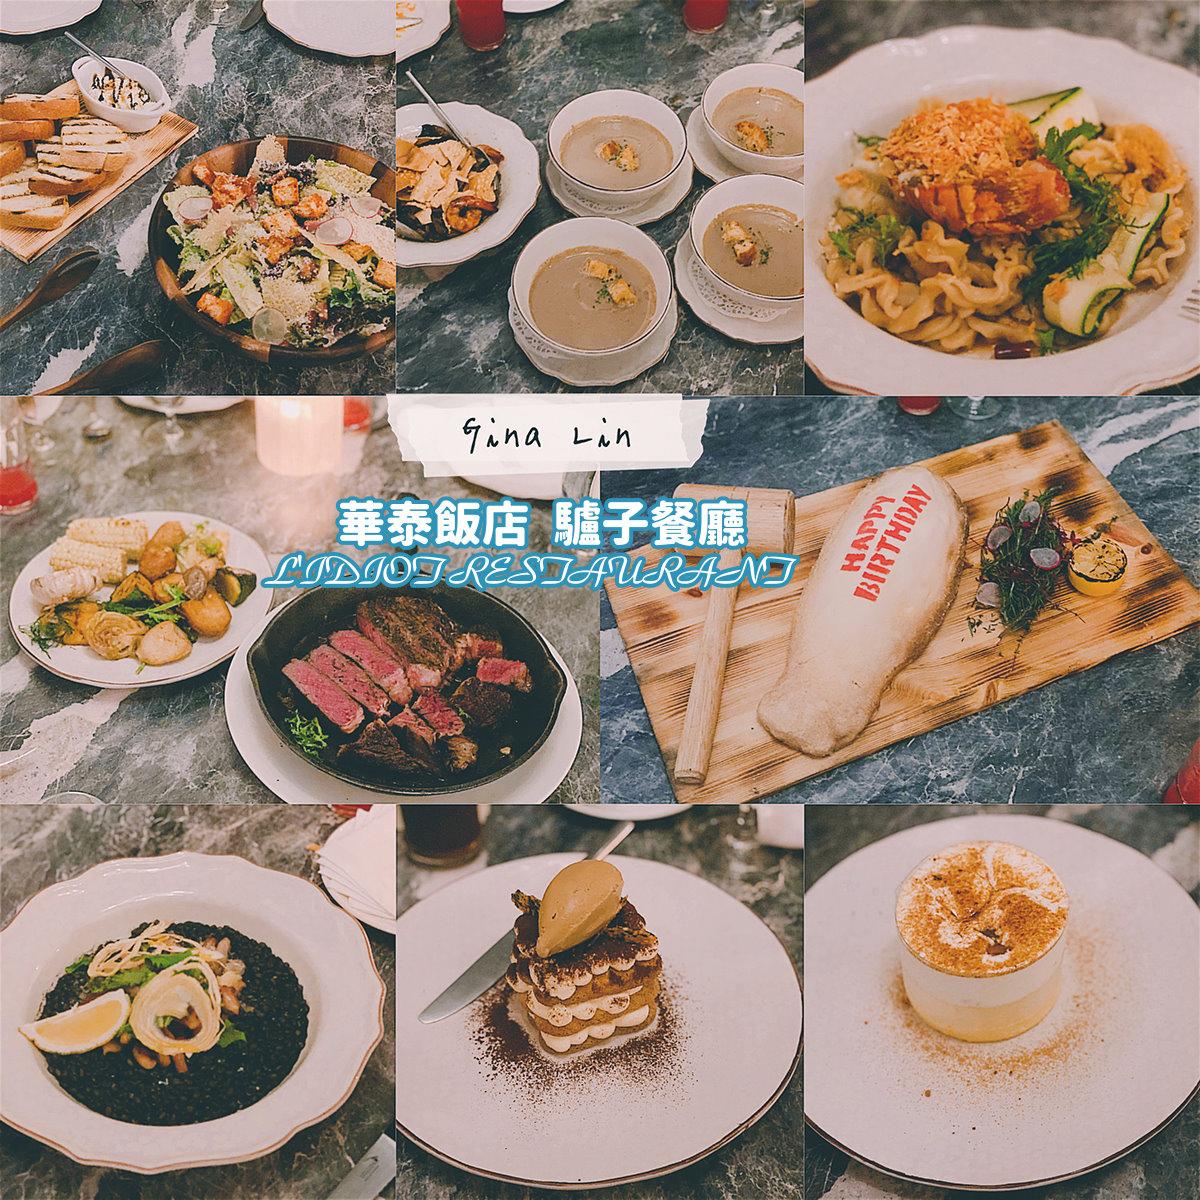 【華泰王子大飯店】驢子餐廳|四人分享餐優惠|2020最新菜單、訂位 @GINA環球旅行生活